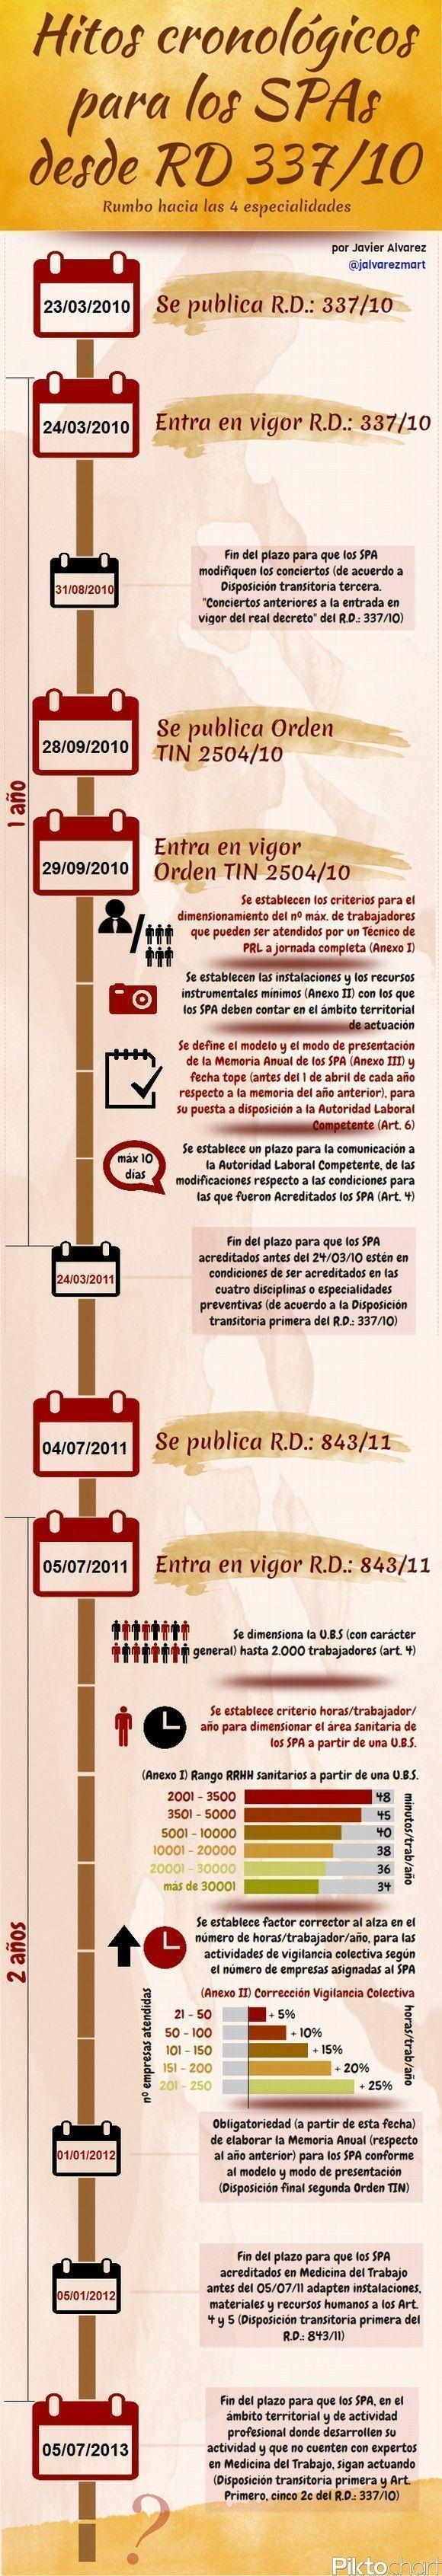 infografia SPA